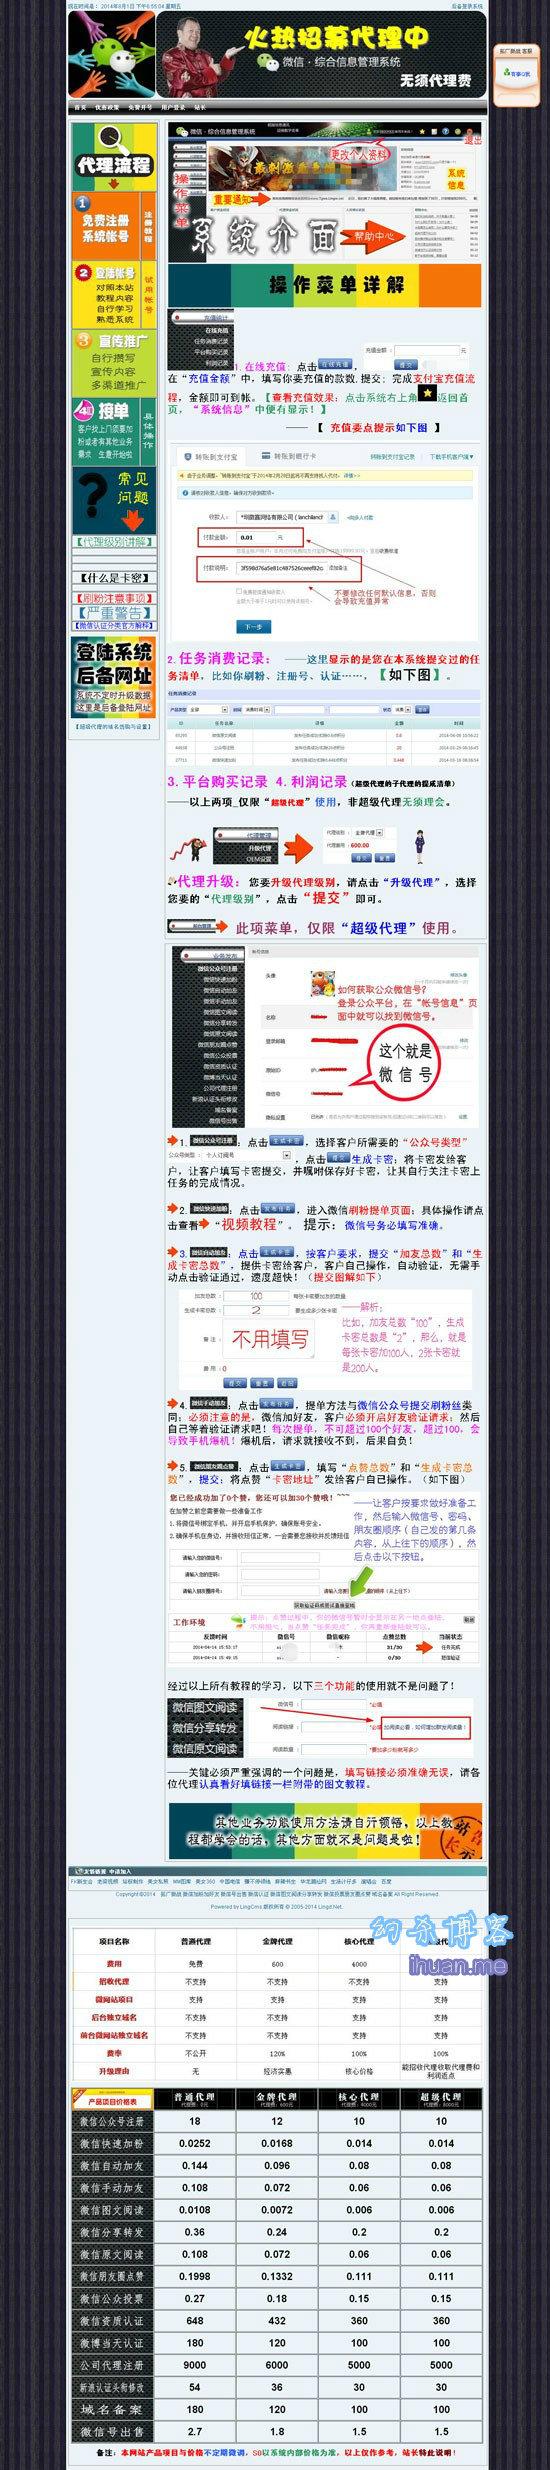 业务介绍(8月1号下午抓取)